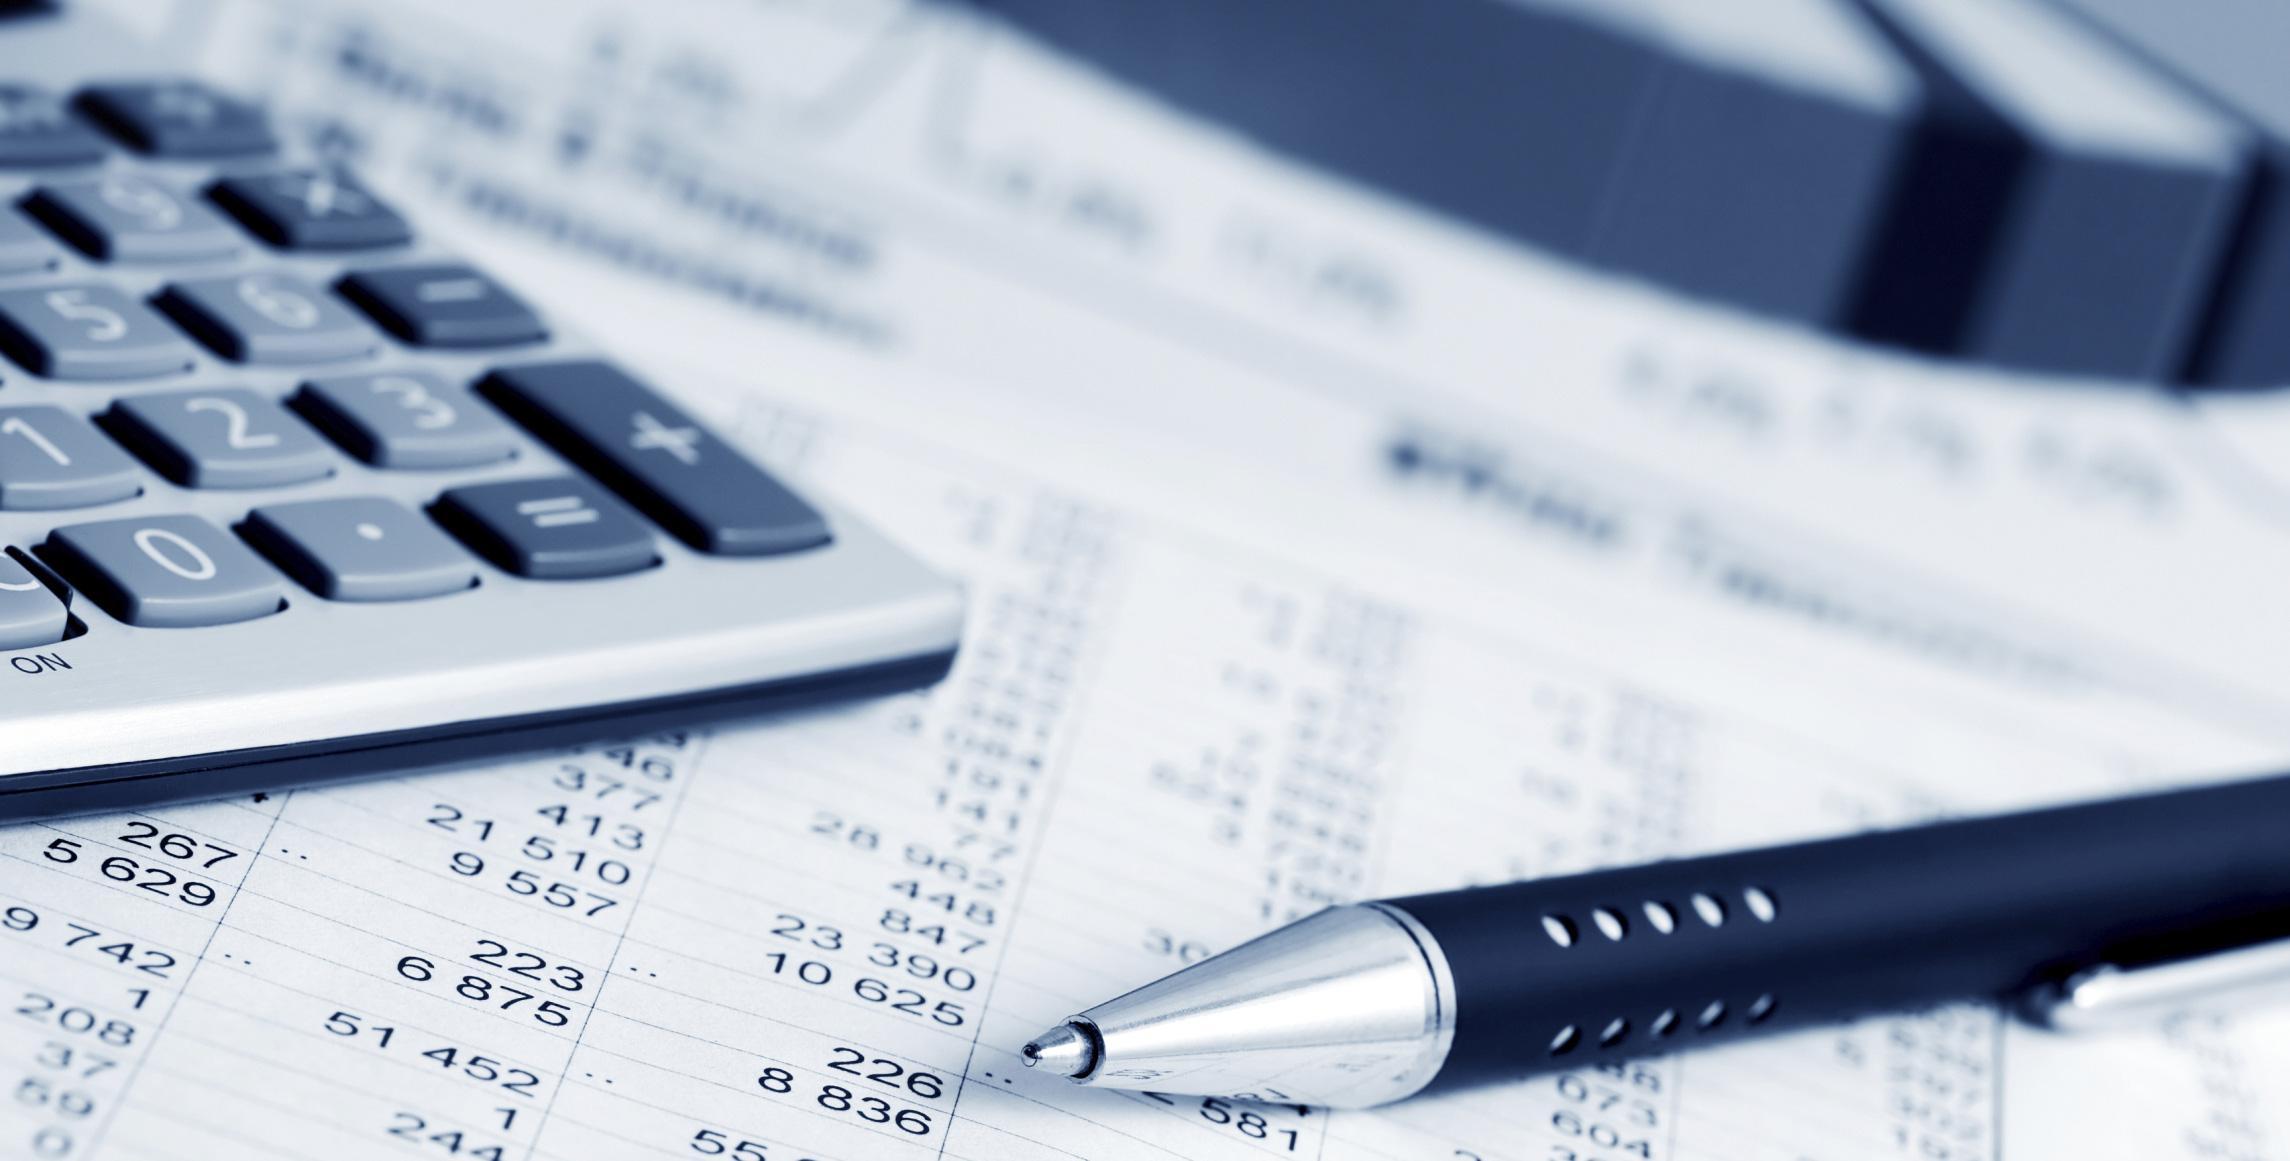 Comptabilité : pour une gestion plus efficace de votre argent